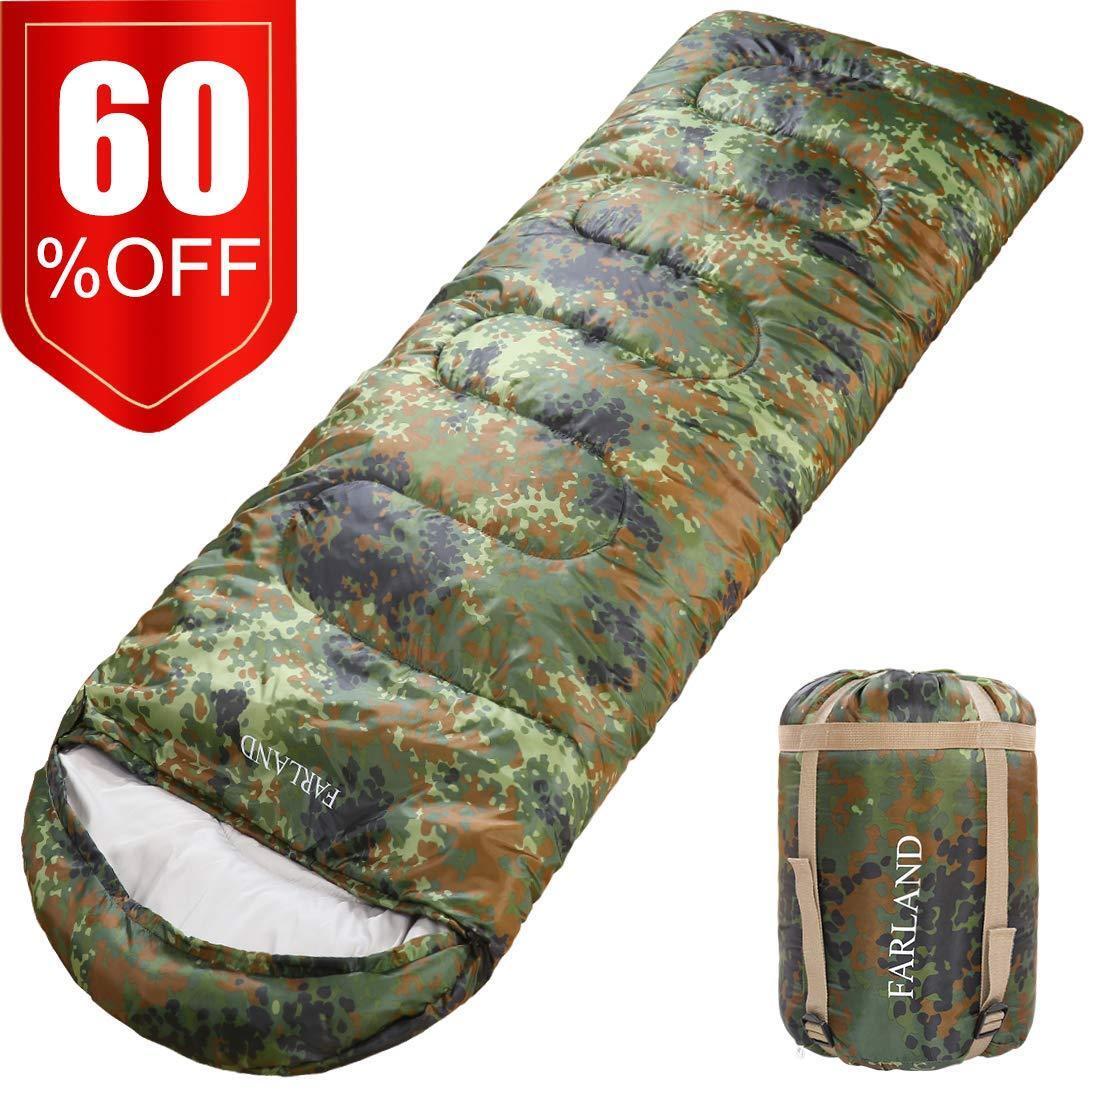 Camping Hunting Sleeping Bag Envelope Outdoor Lightweight Wa